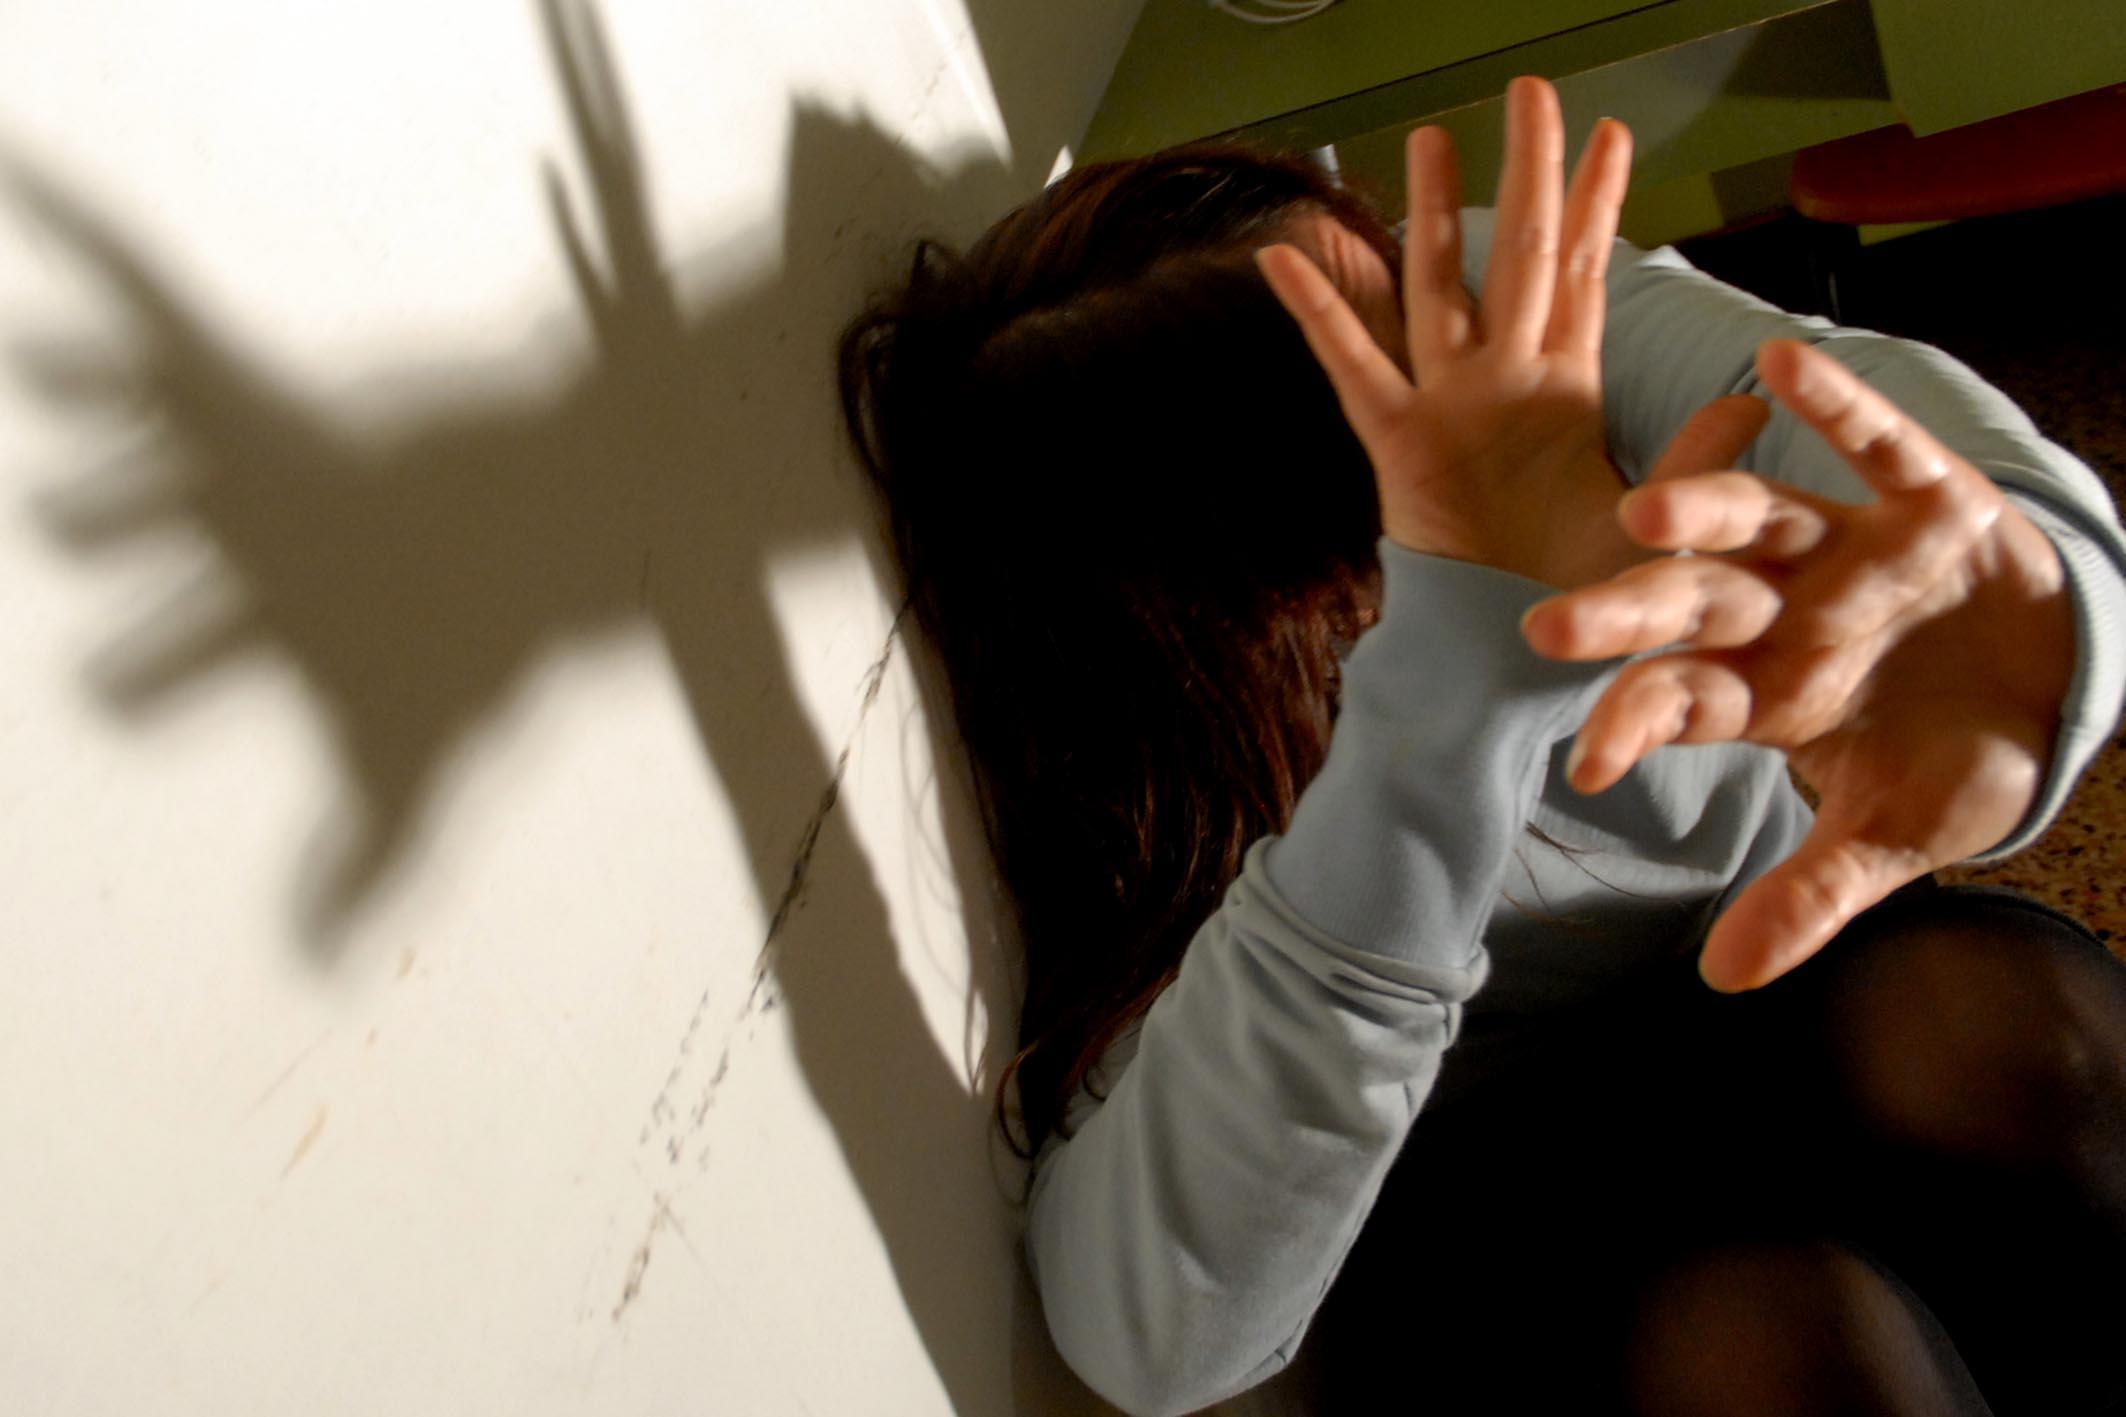 Risultati immagini per violenza sessuale su minori